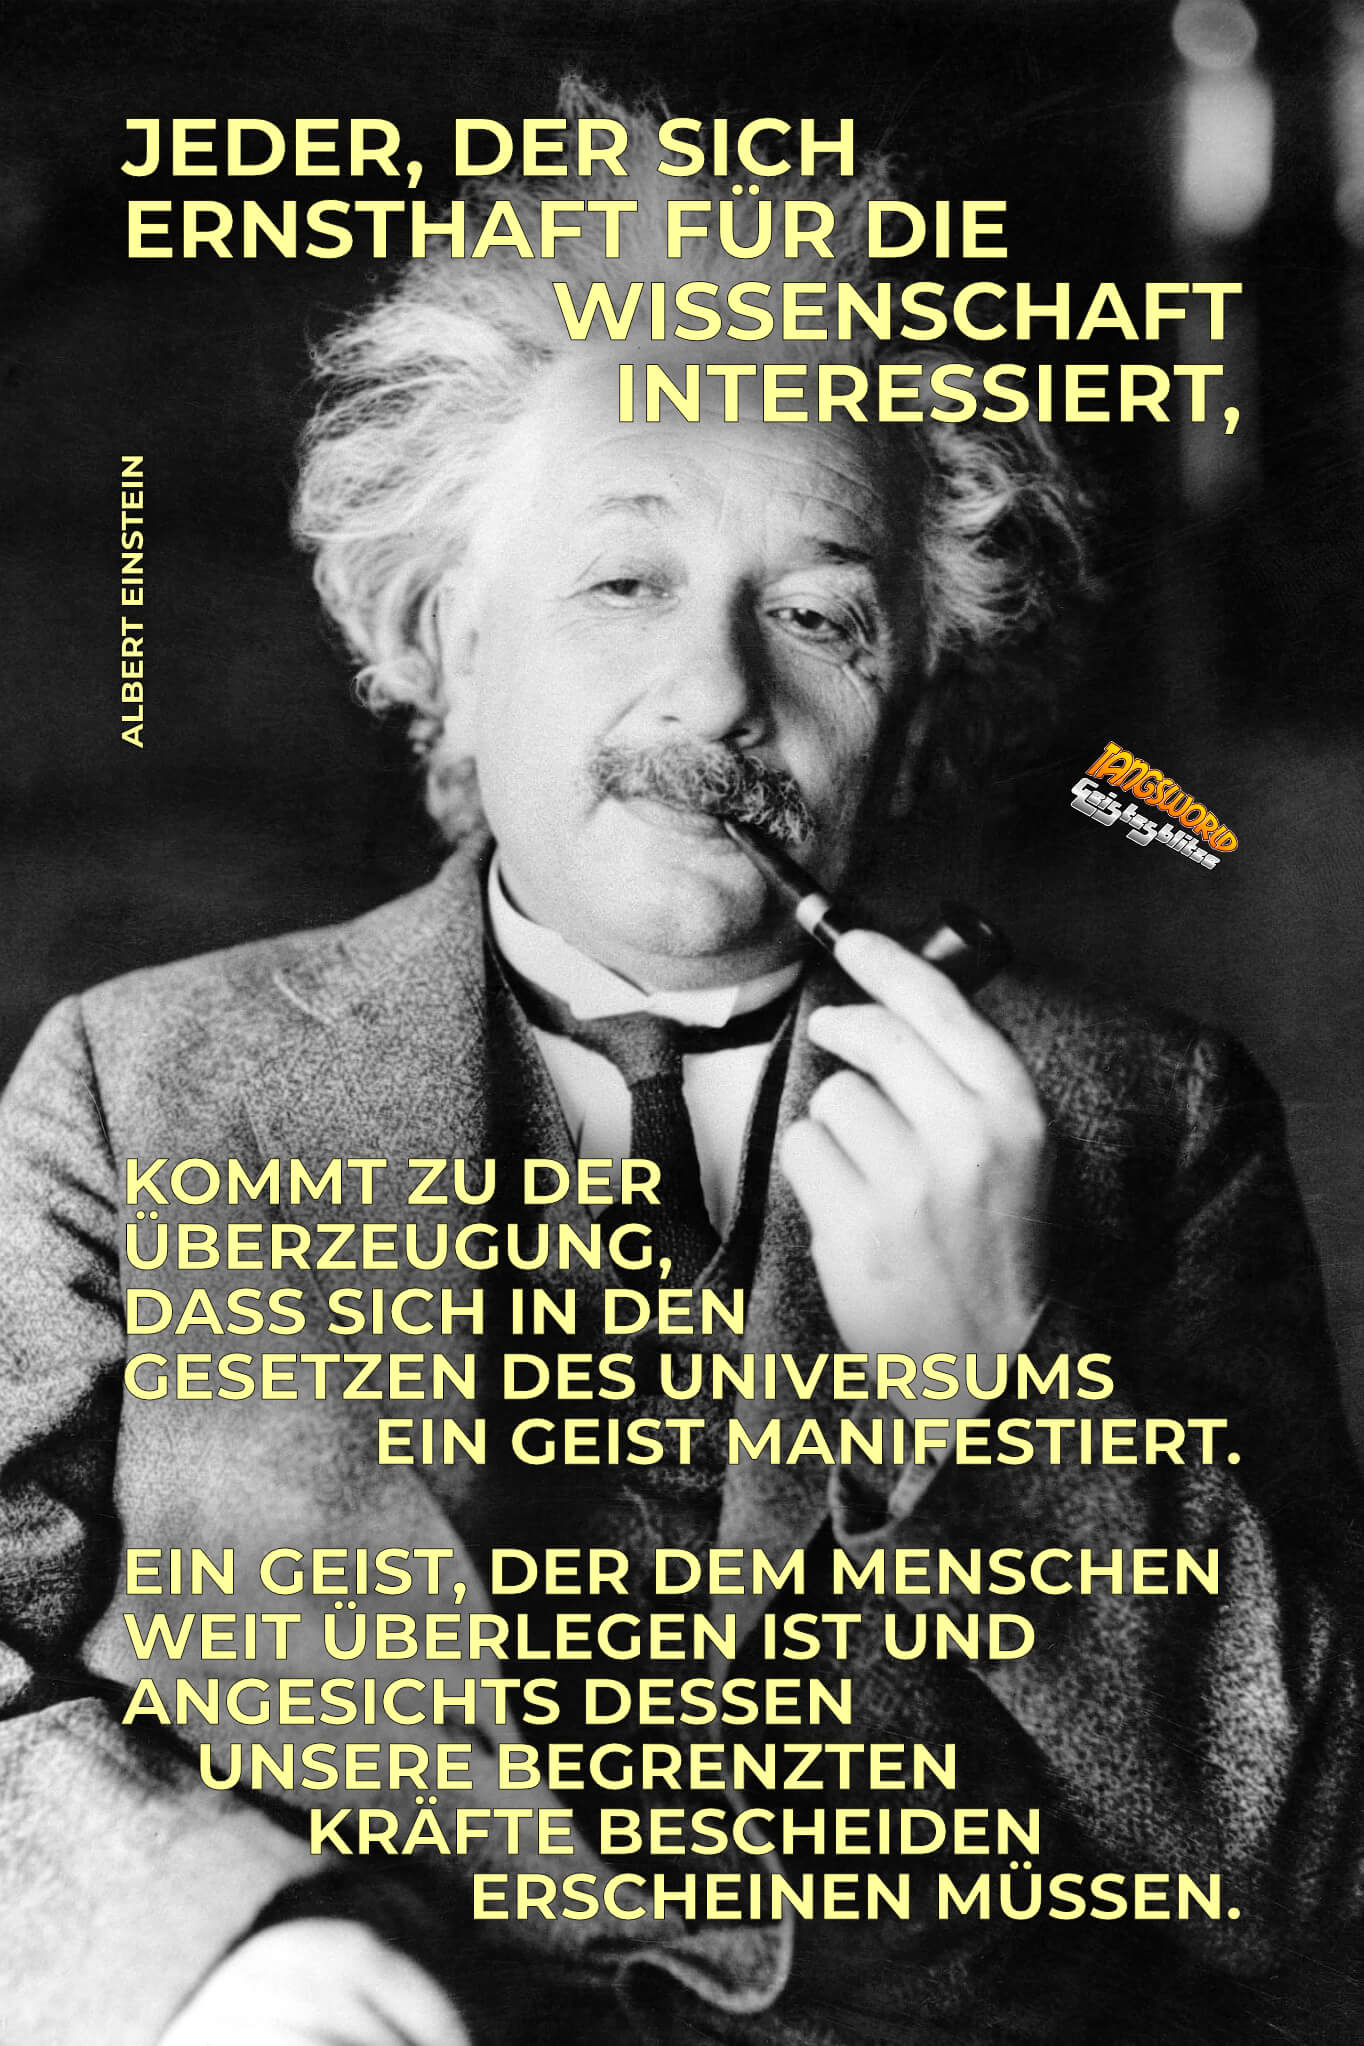 Jeder, der sich ernsthaft für die Wissenschaft interessiert, kommt zu der Überzeugung, dass sich in den Gesetzen des Universums ein Geist manifestiert - ein Geist, der dem Menschen weit überlegen ist und angesichts dessen unsere begrenzten Kräfte bescheiden erscheinen müssen. - Albert Einstein